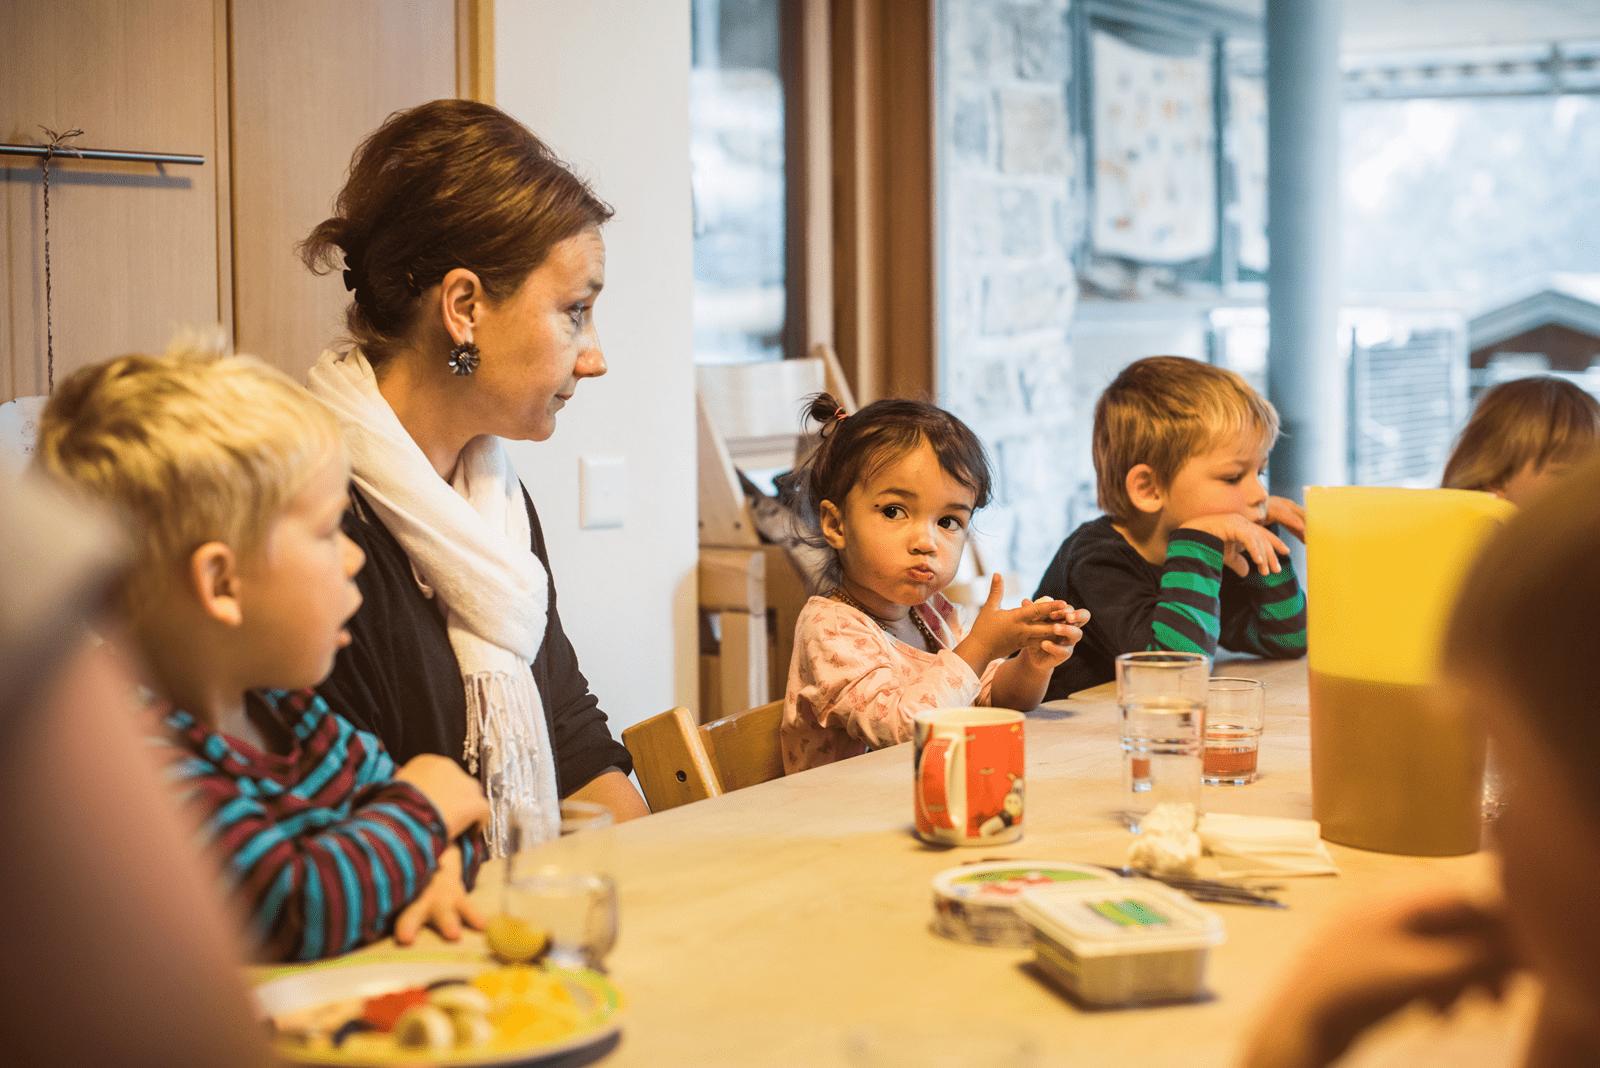 Kinder und Kita-Leiterin sitzen am Tisch und essen Znüni.